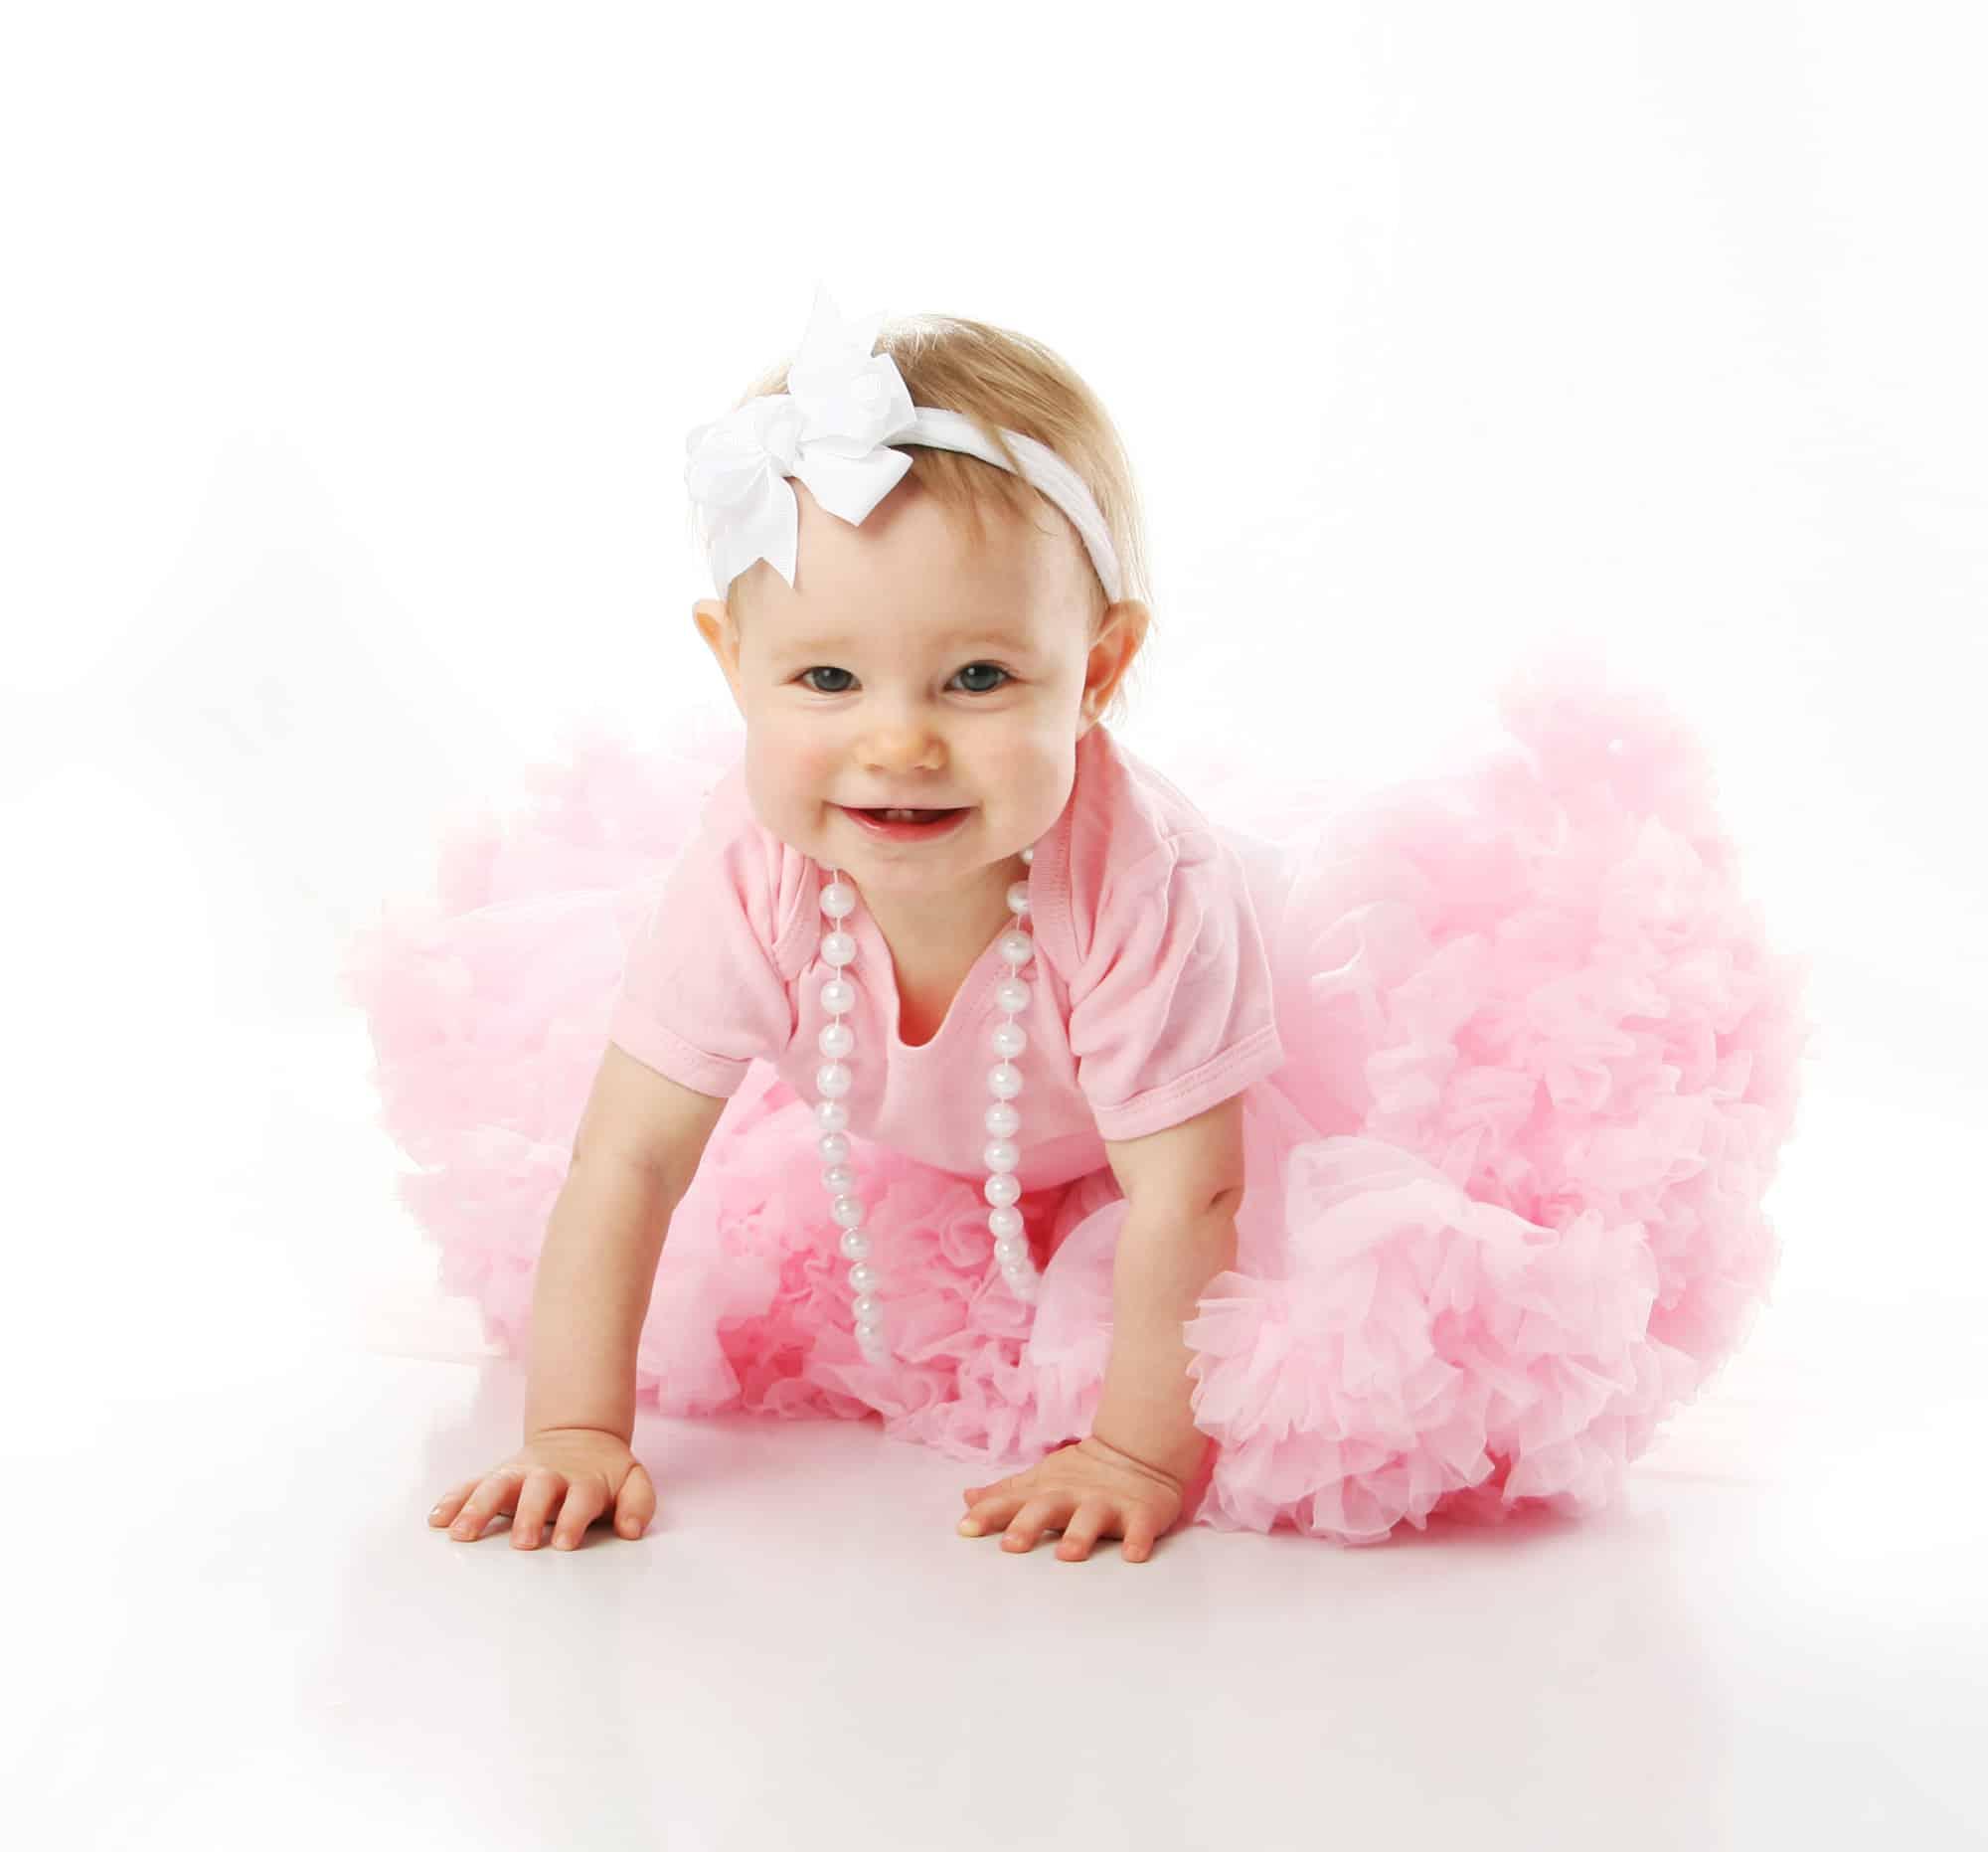 Baby girl crawling while wearing pink tutu